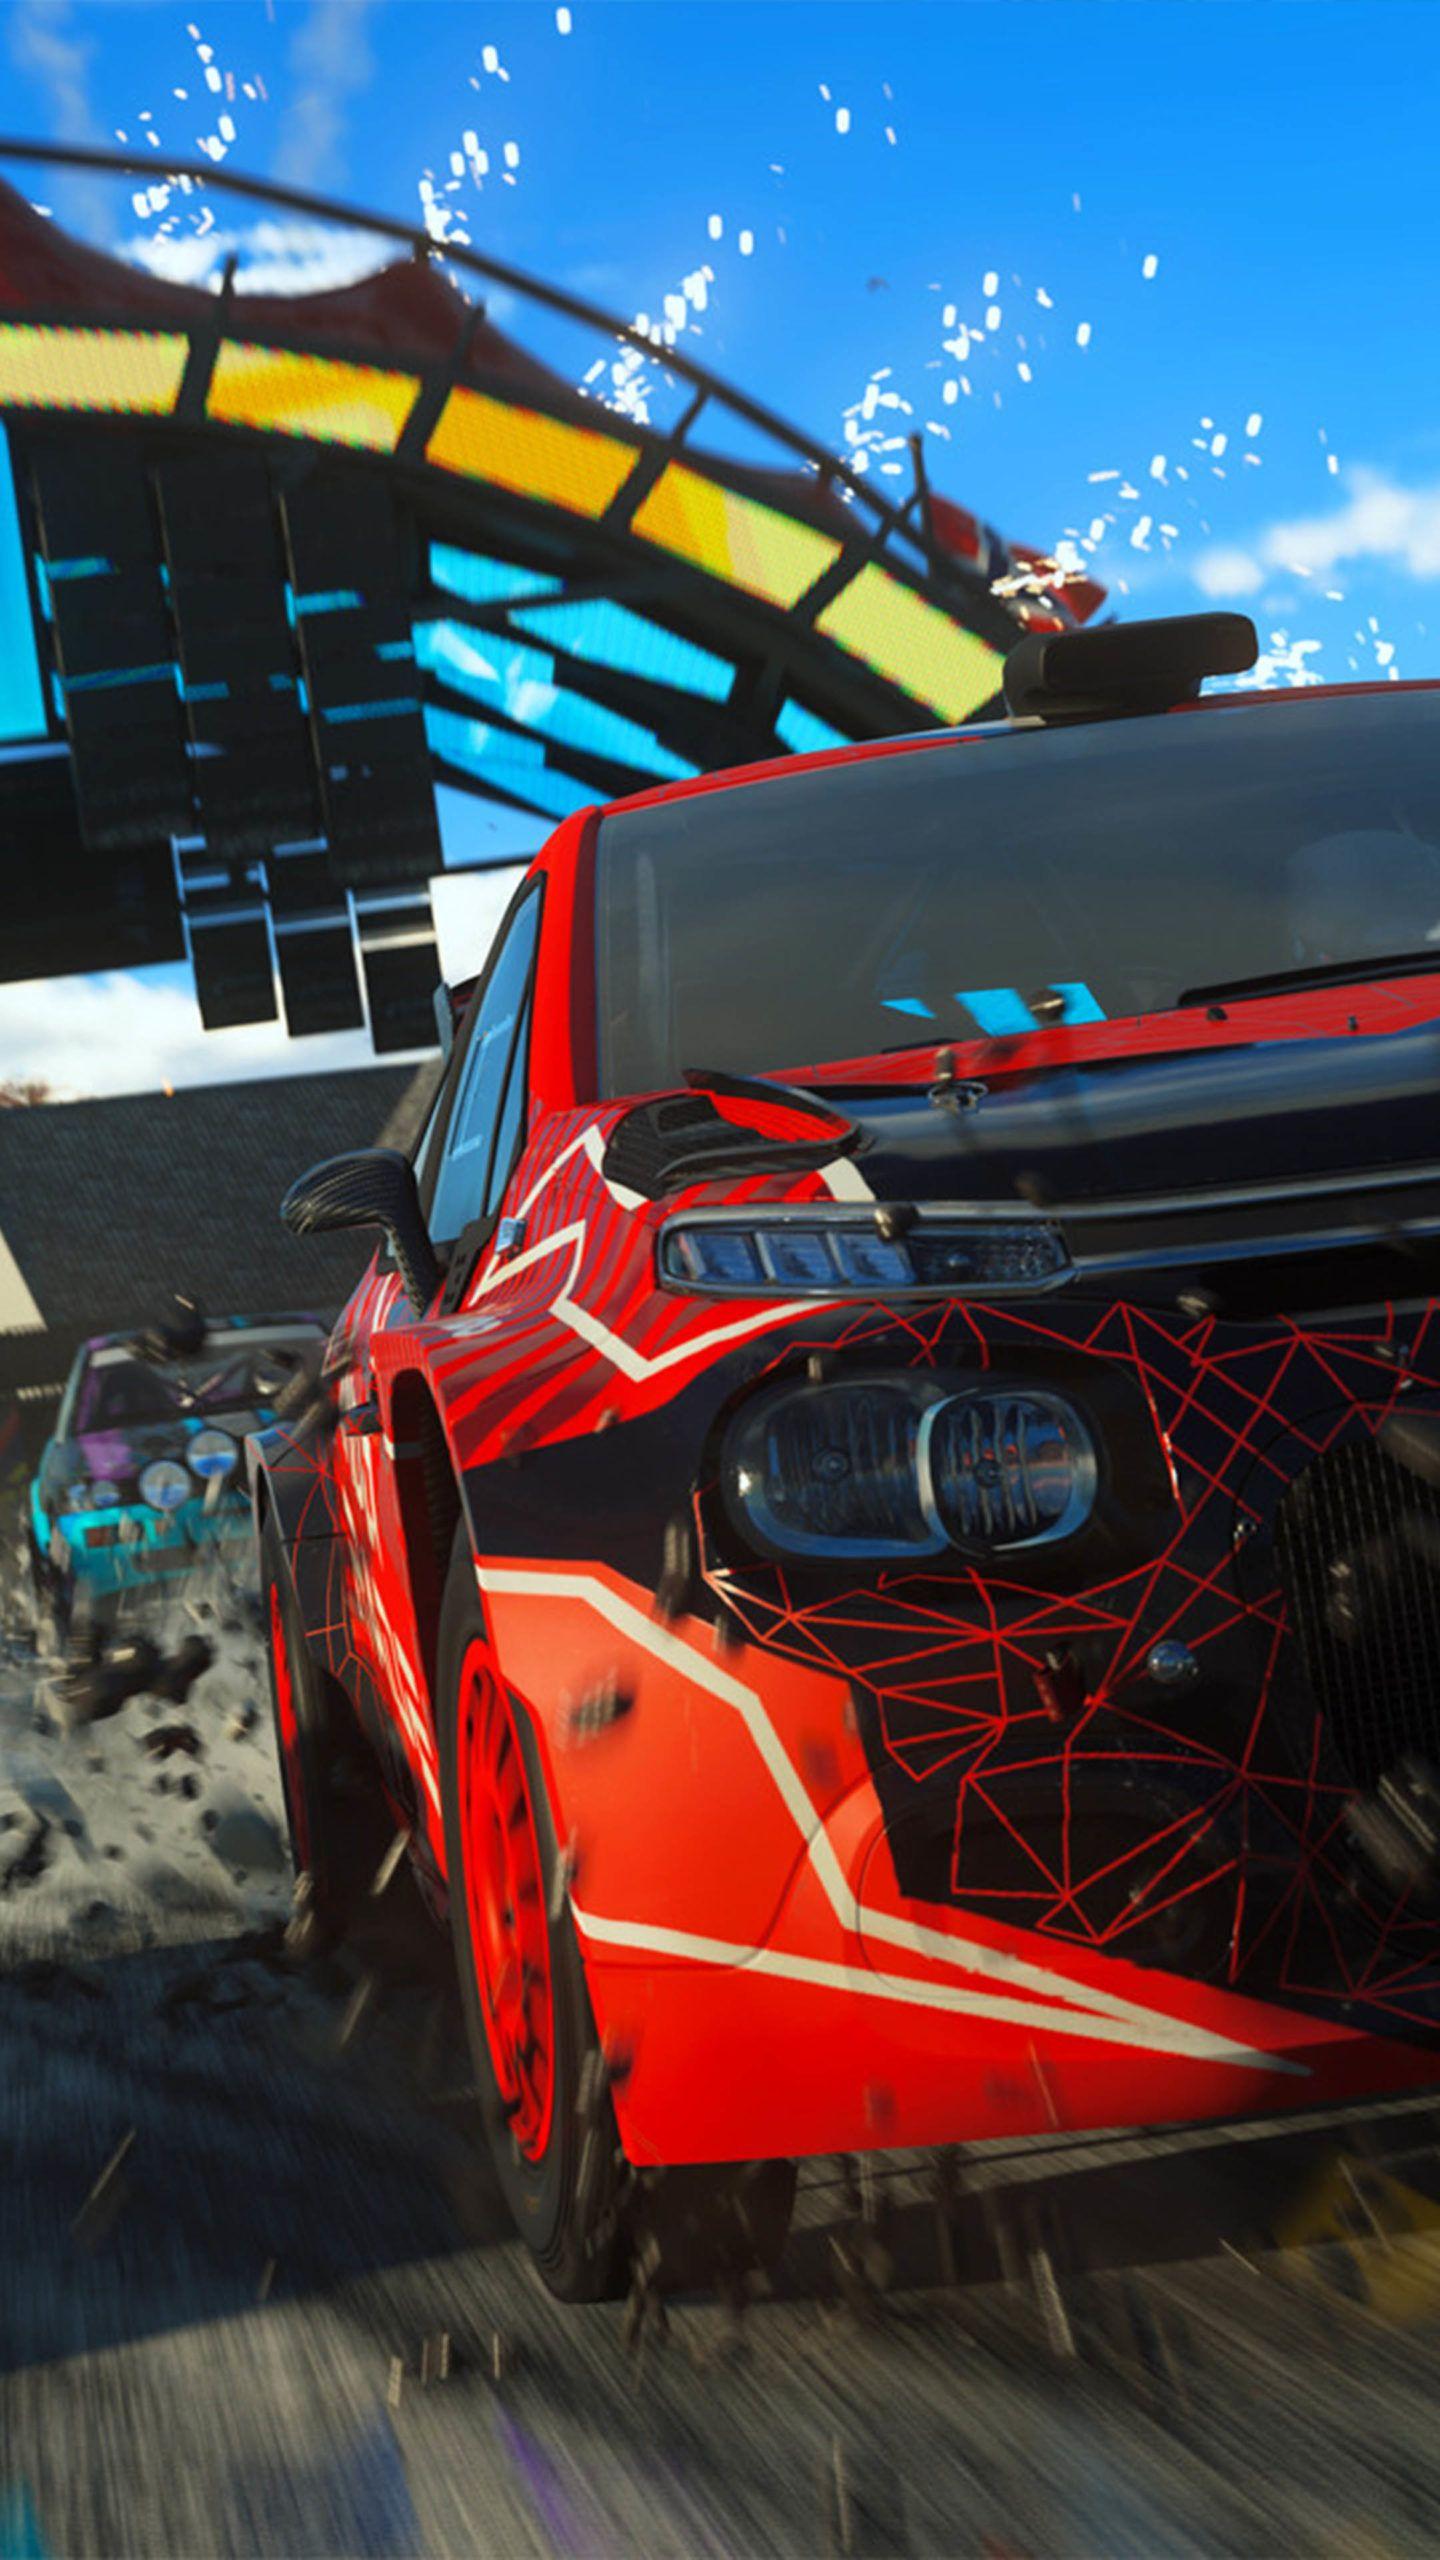 Dirt 5 Video Game Race 4k Ultra Hd Mobile Wallpaper Racing Games Car Wallpapers